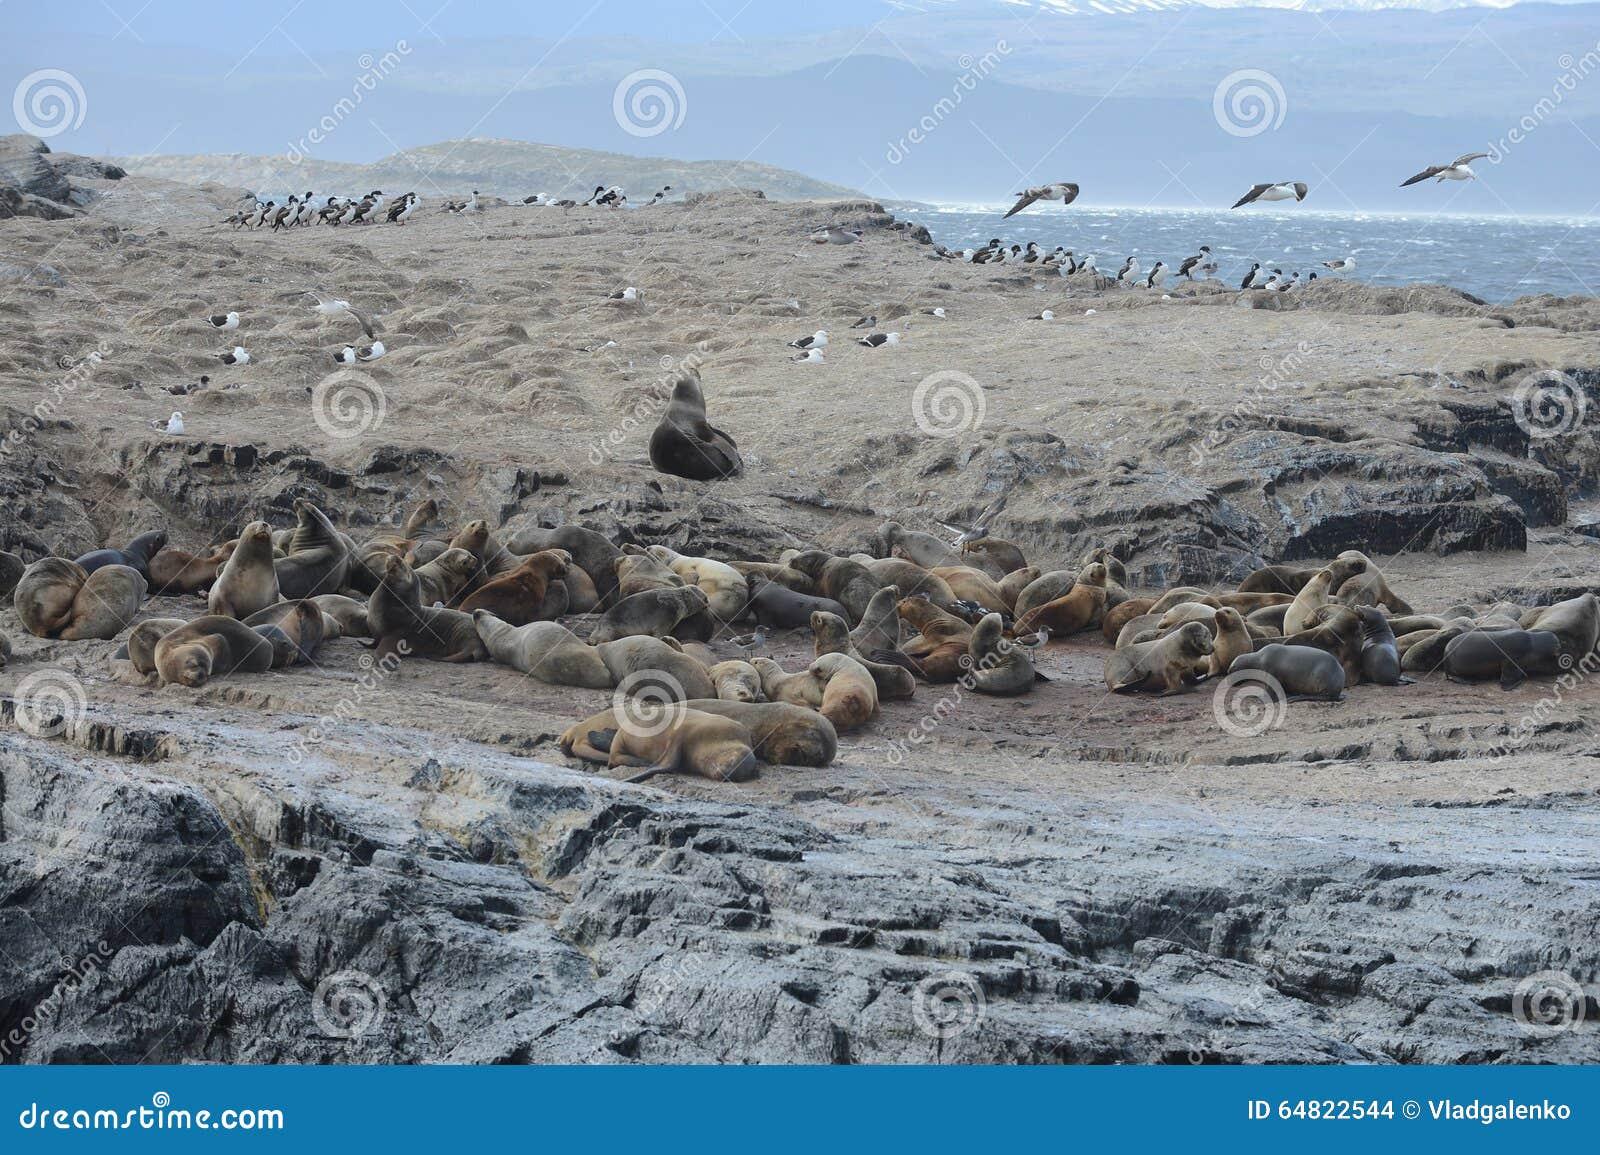 Zuidamerikaanse zeeleeuw, Otaria flavescens, het kweken kolonie en haulout op kleine eilandjes enkel buitenkant Ushuaia